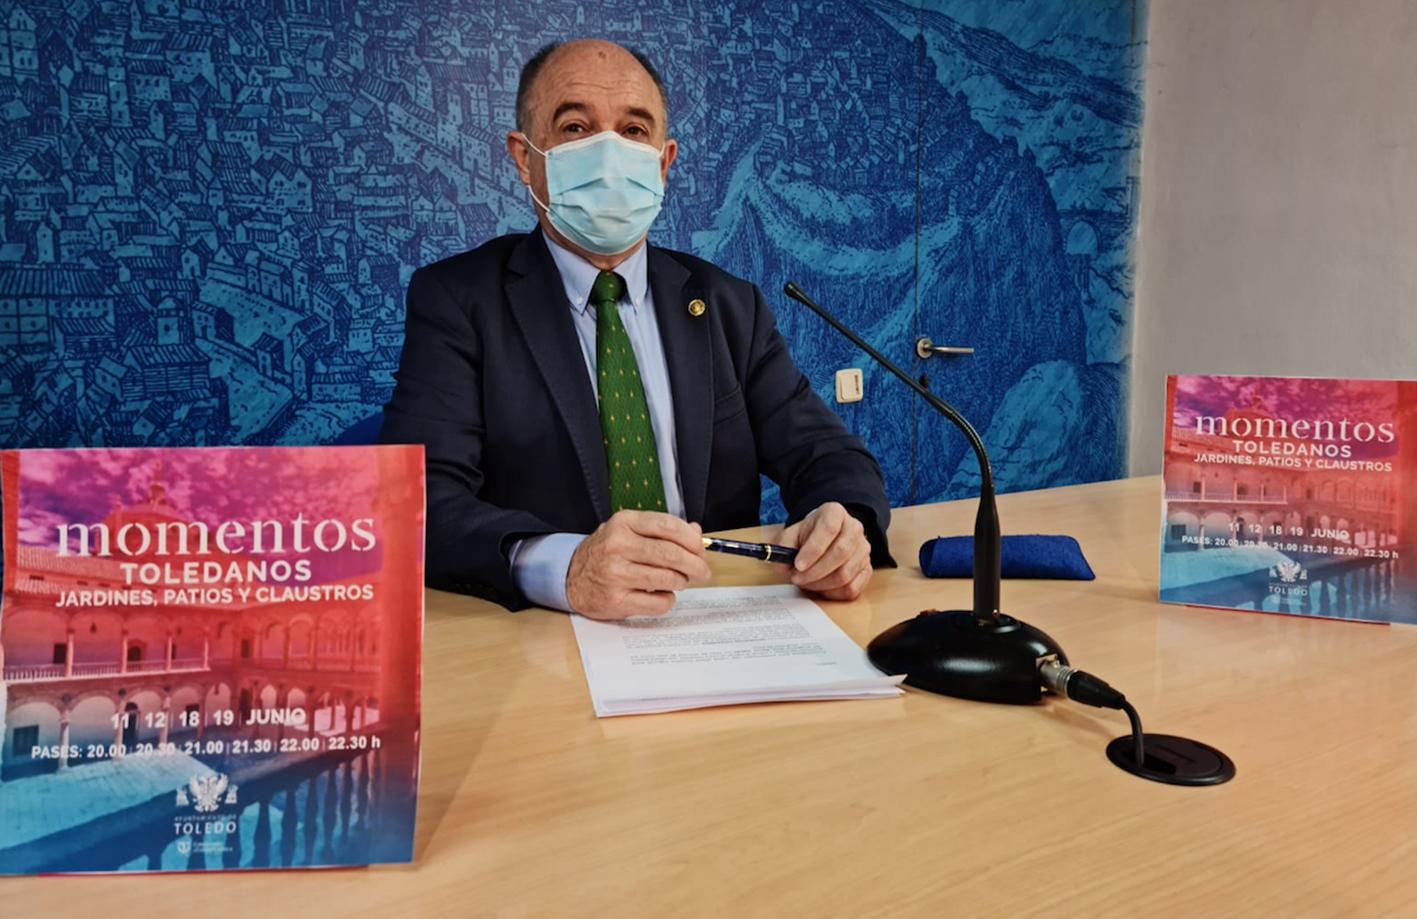 """Paco Rueda ha presentado hoy los """"Momentos toledanos""""."""